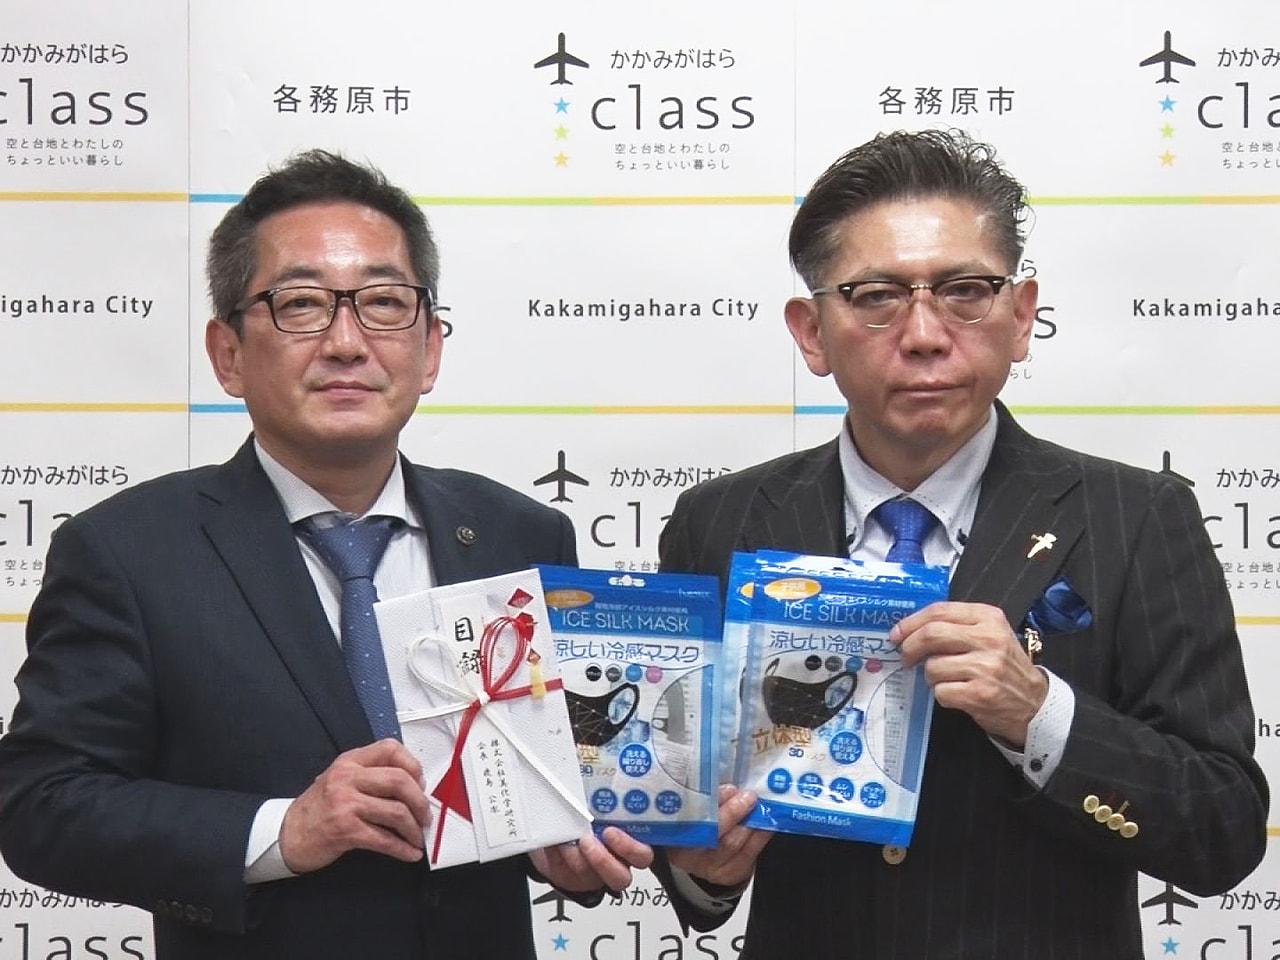 美容用品や健康食品を販売する東京の企業が、岐阜県各務原市の児童生徒向けにマスク1...